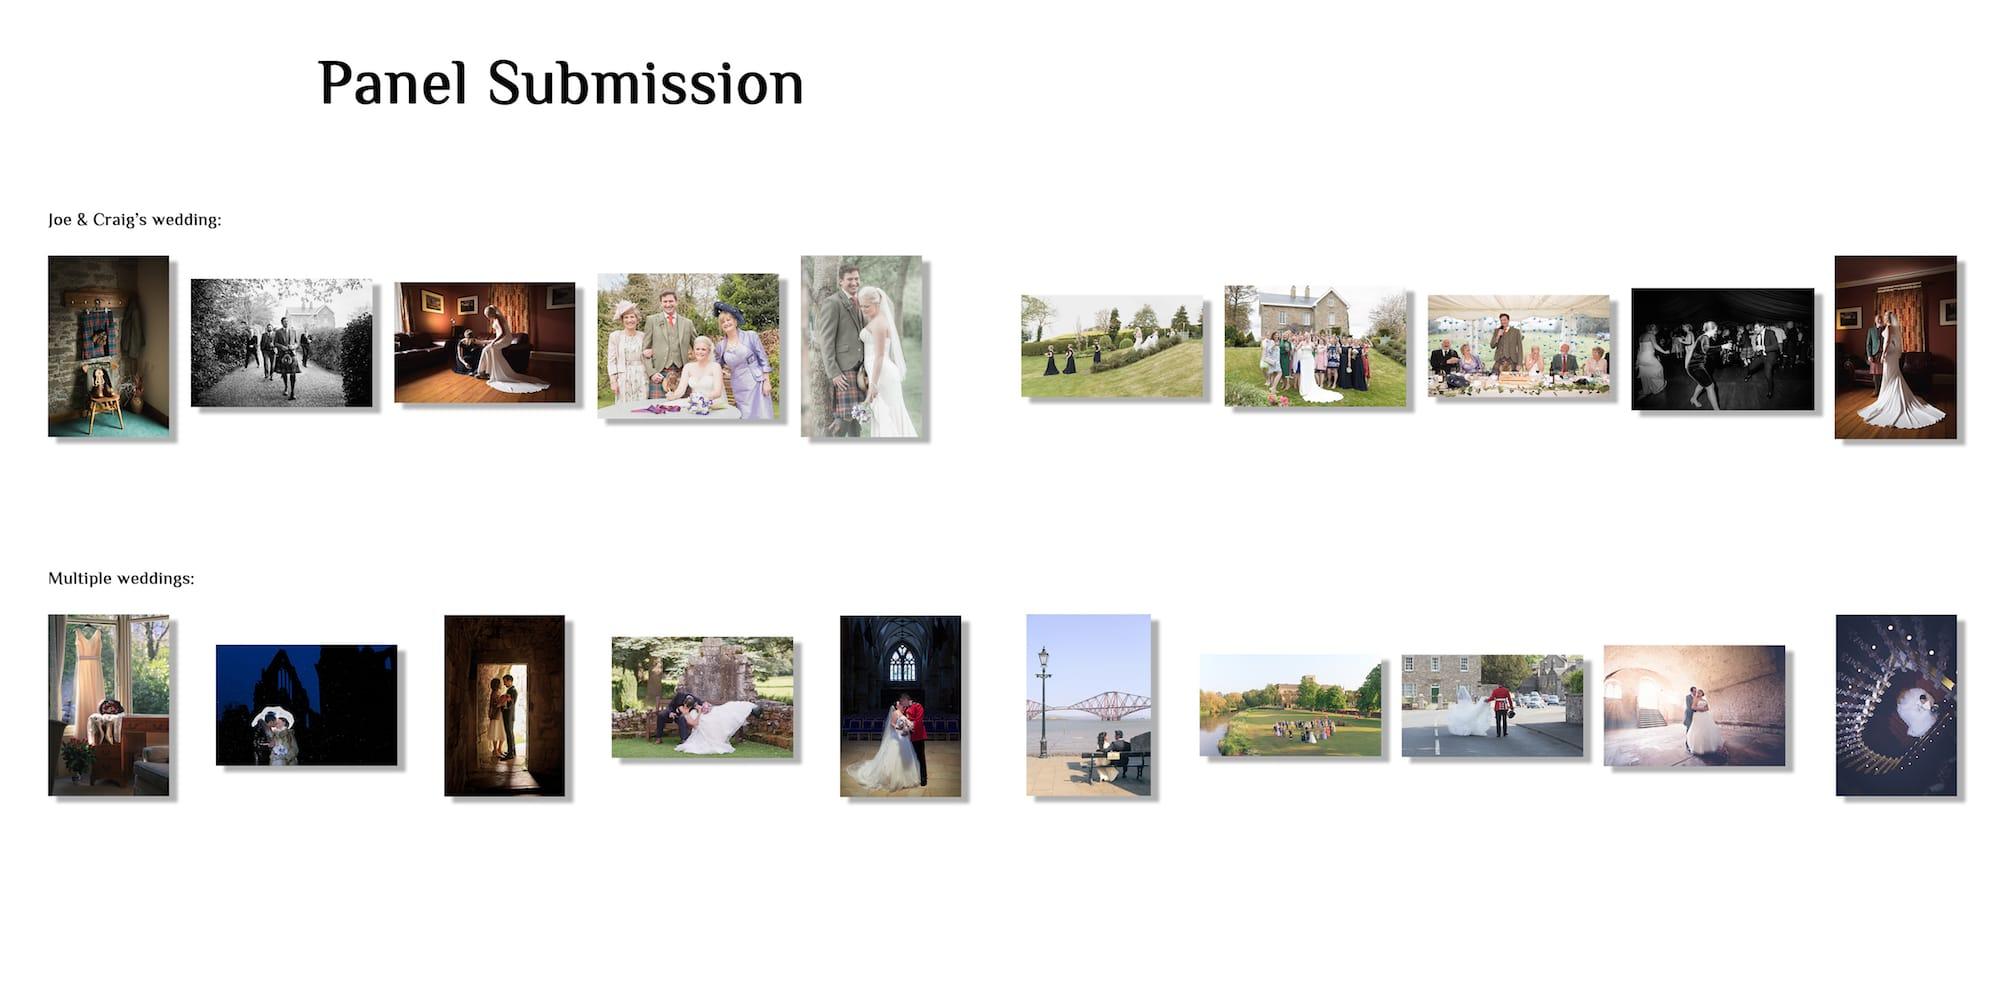 Le paneau de 20 photos pour la qualification du Licentiate Master Photographer